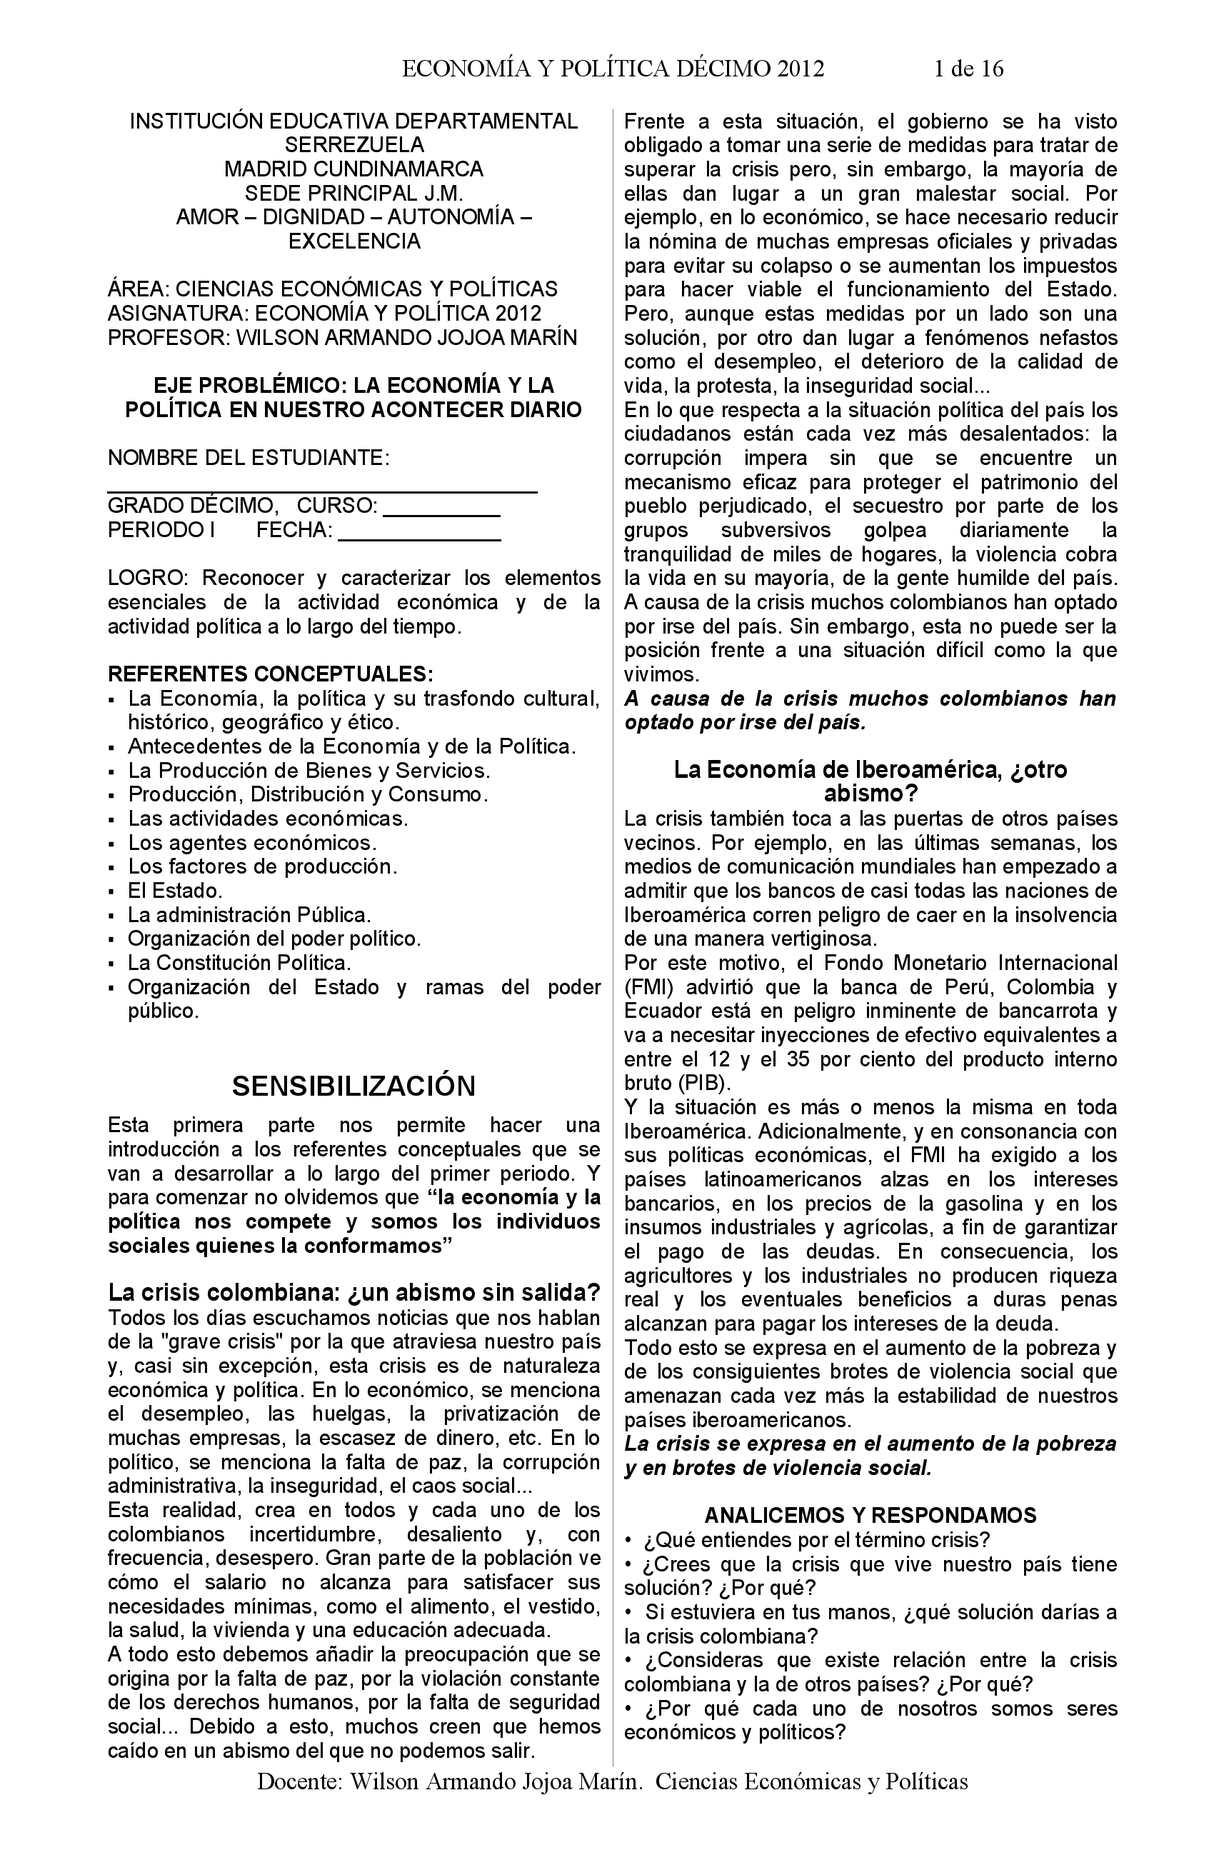 Guía de trabajo Economía y Política Décimo JM 2012